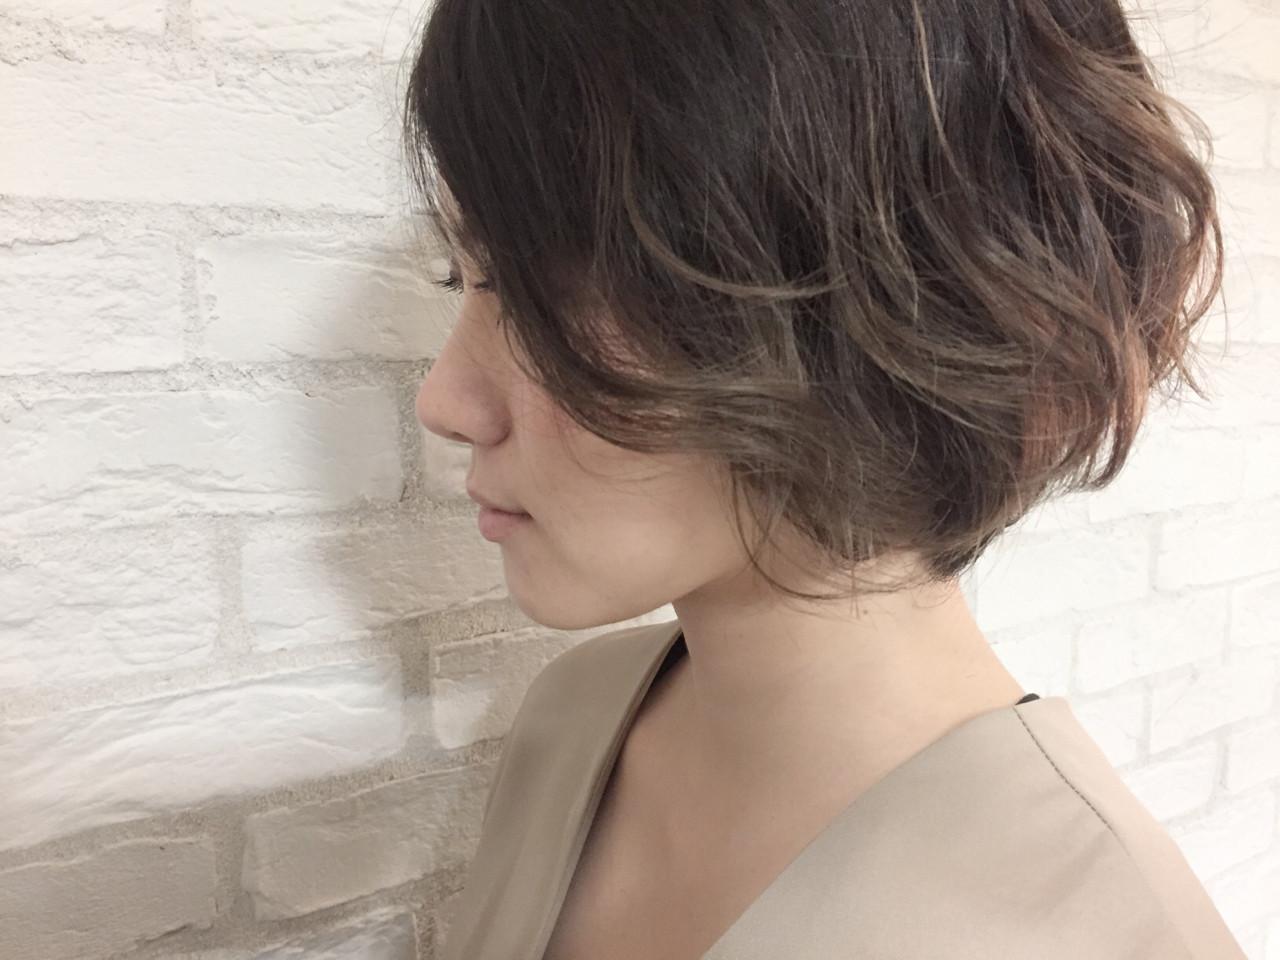 【ショートヘア向け】短くてもピッタリはまる!デジタルパーマスタイル 吉田香澄